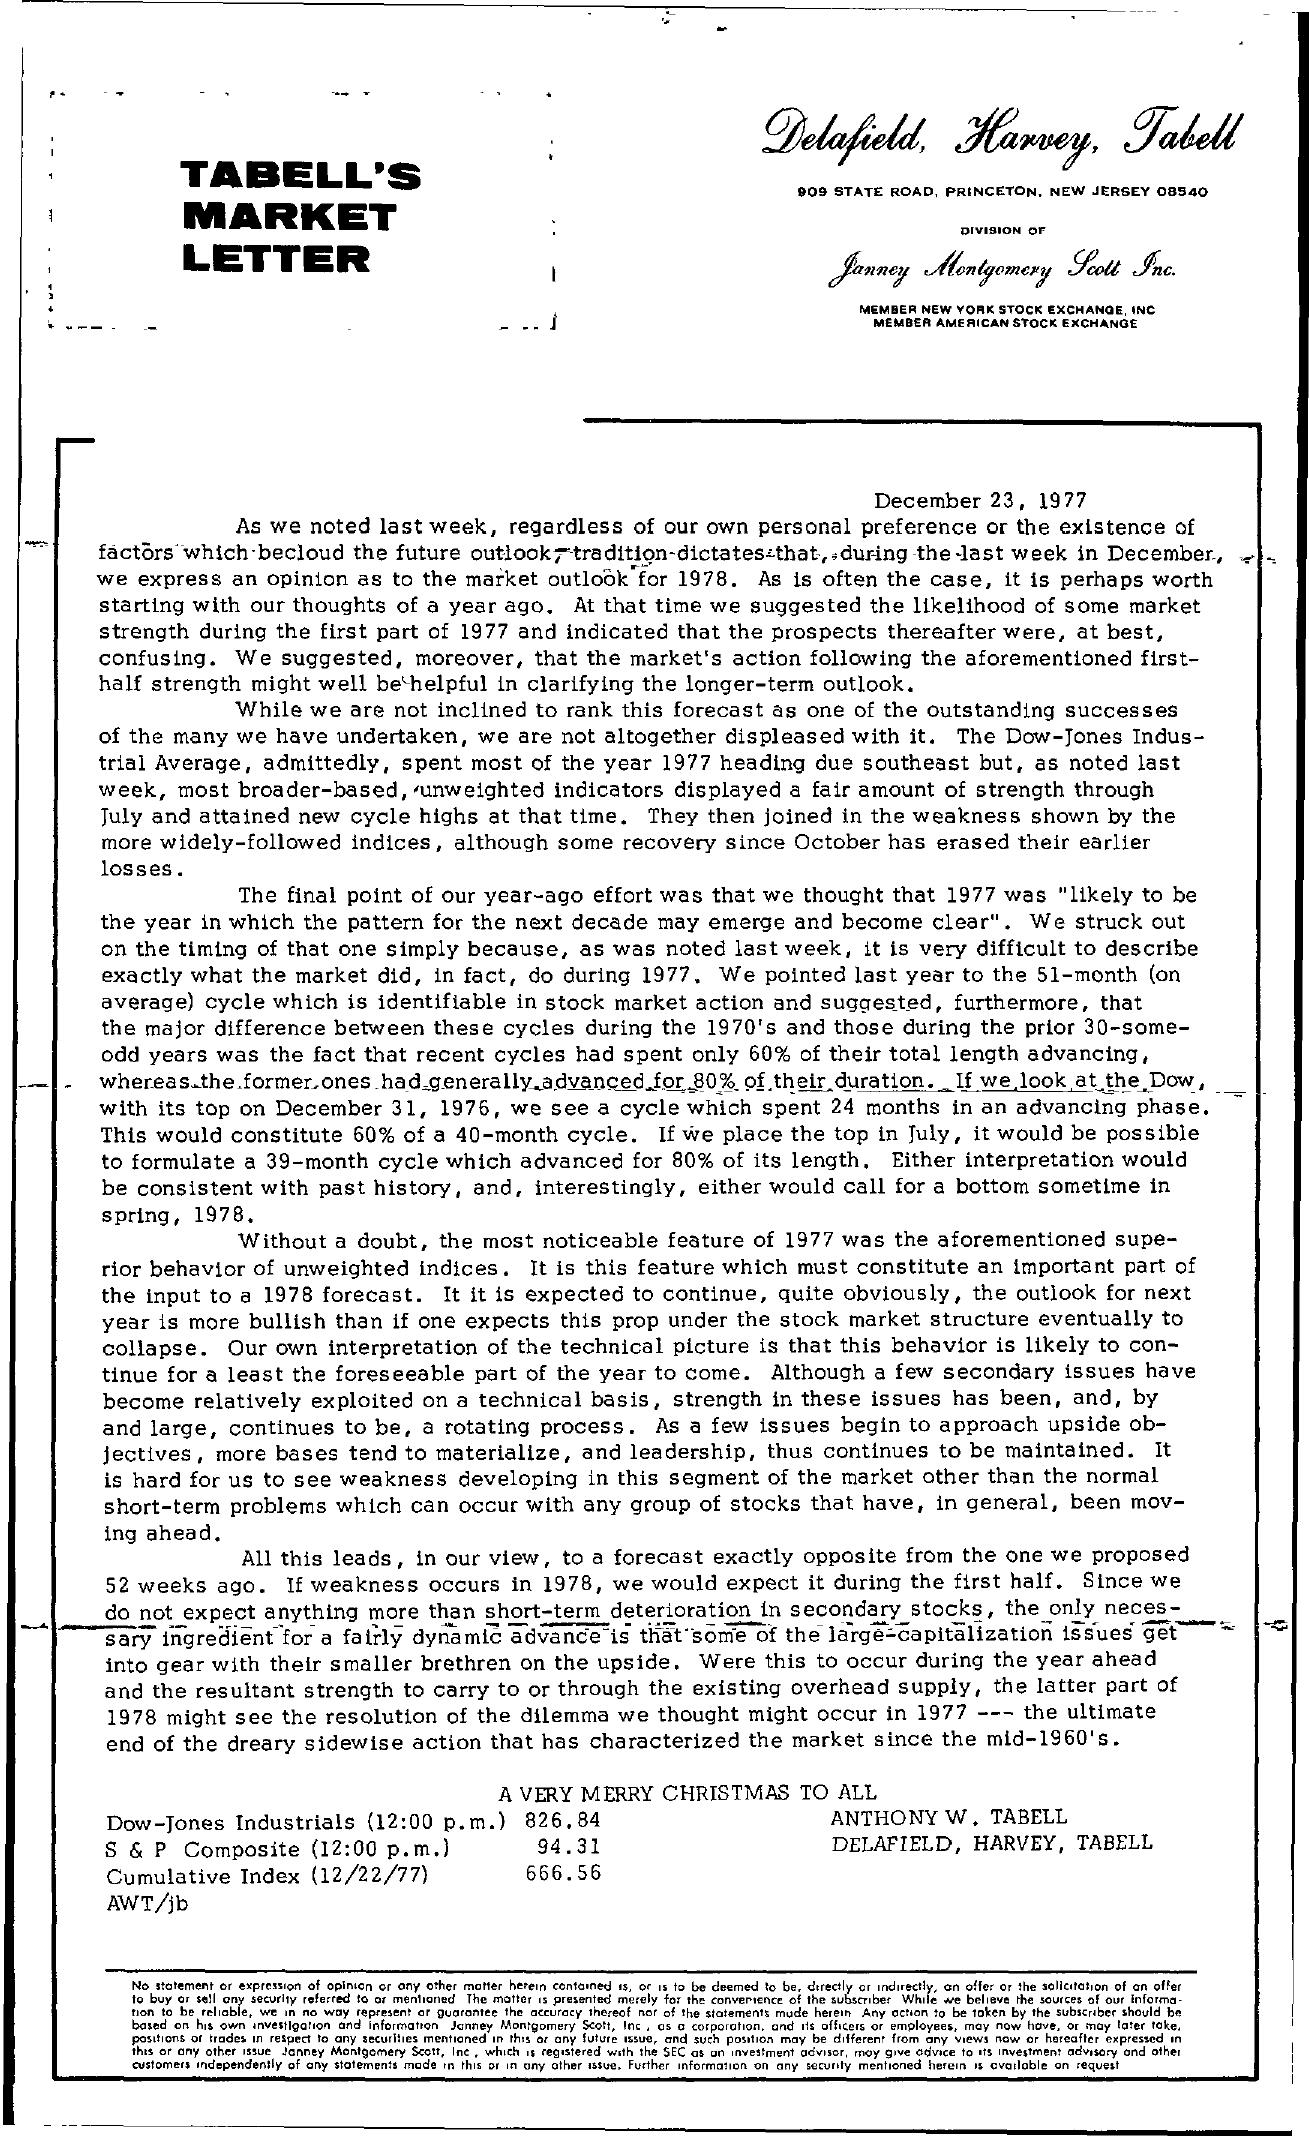 Tabell's Market Letter - December 23, 1977